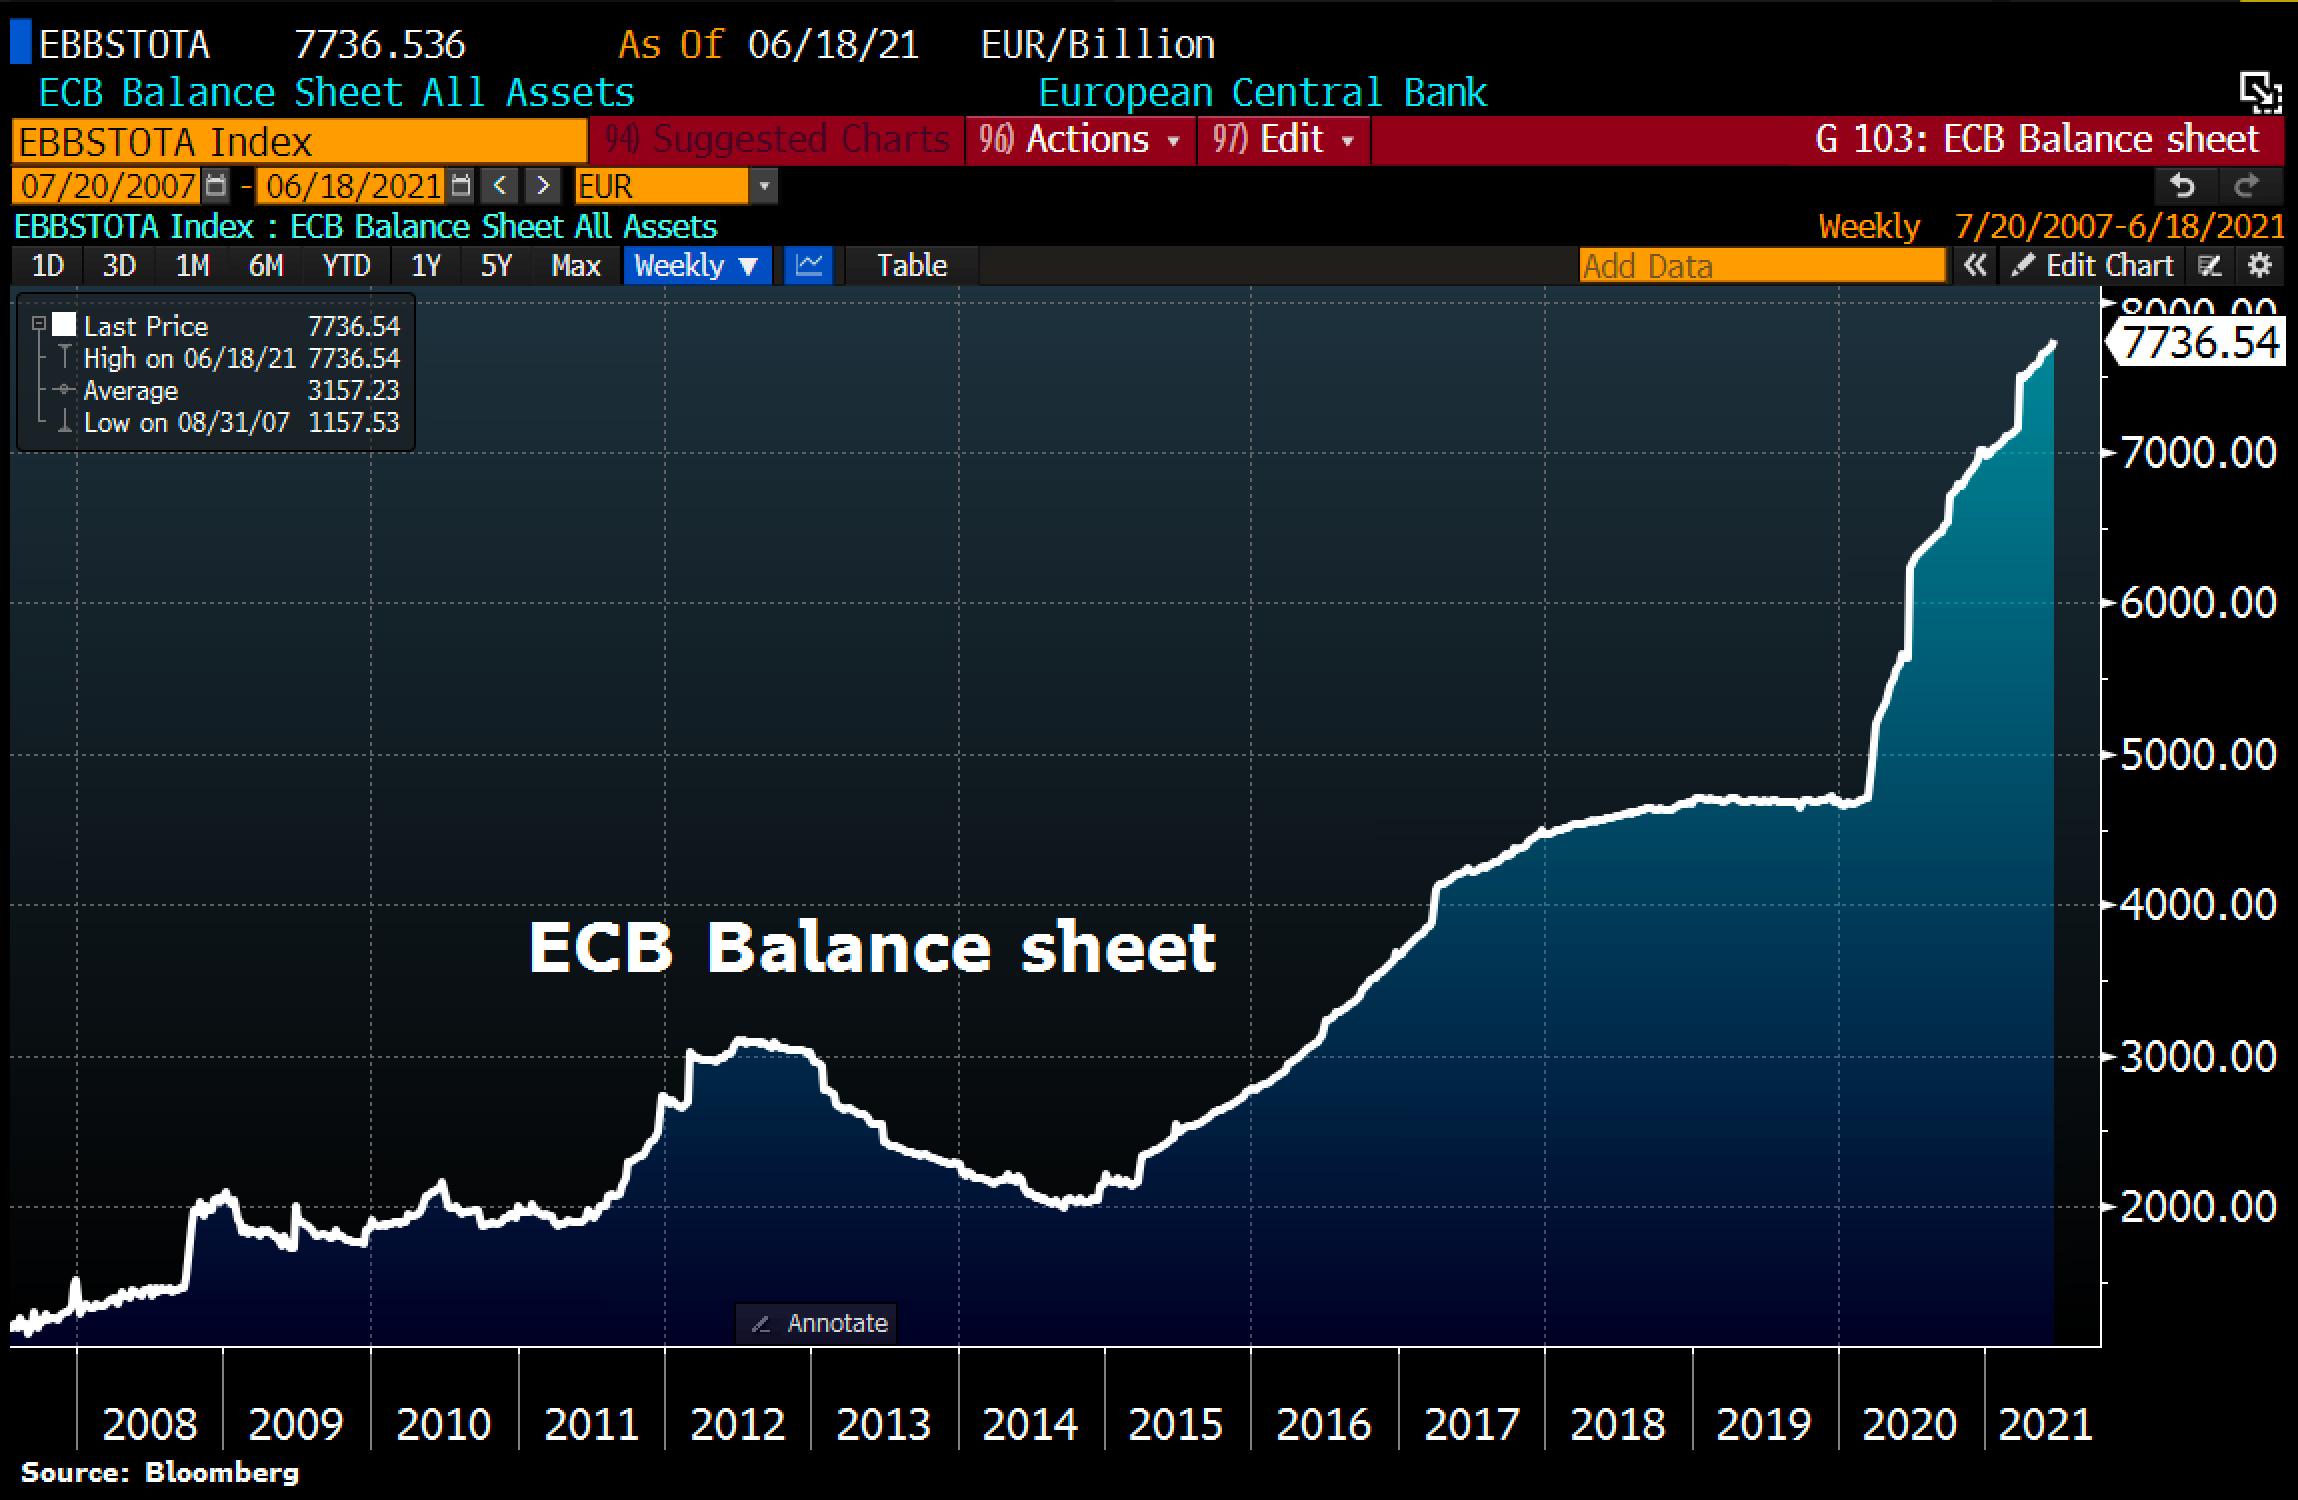 ECB Balance sheet as of June 22nd, 2021.Source Holger Zschaepitz